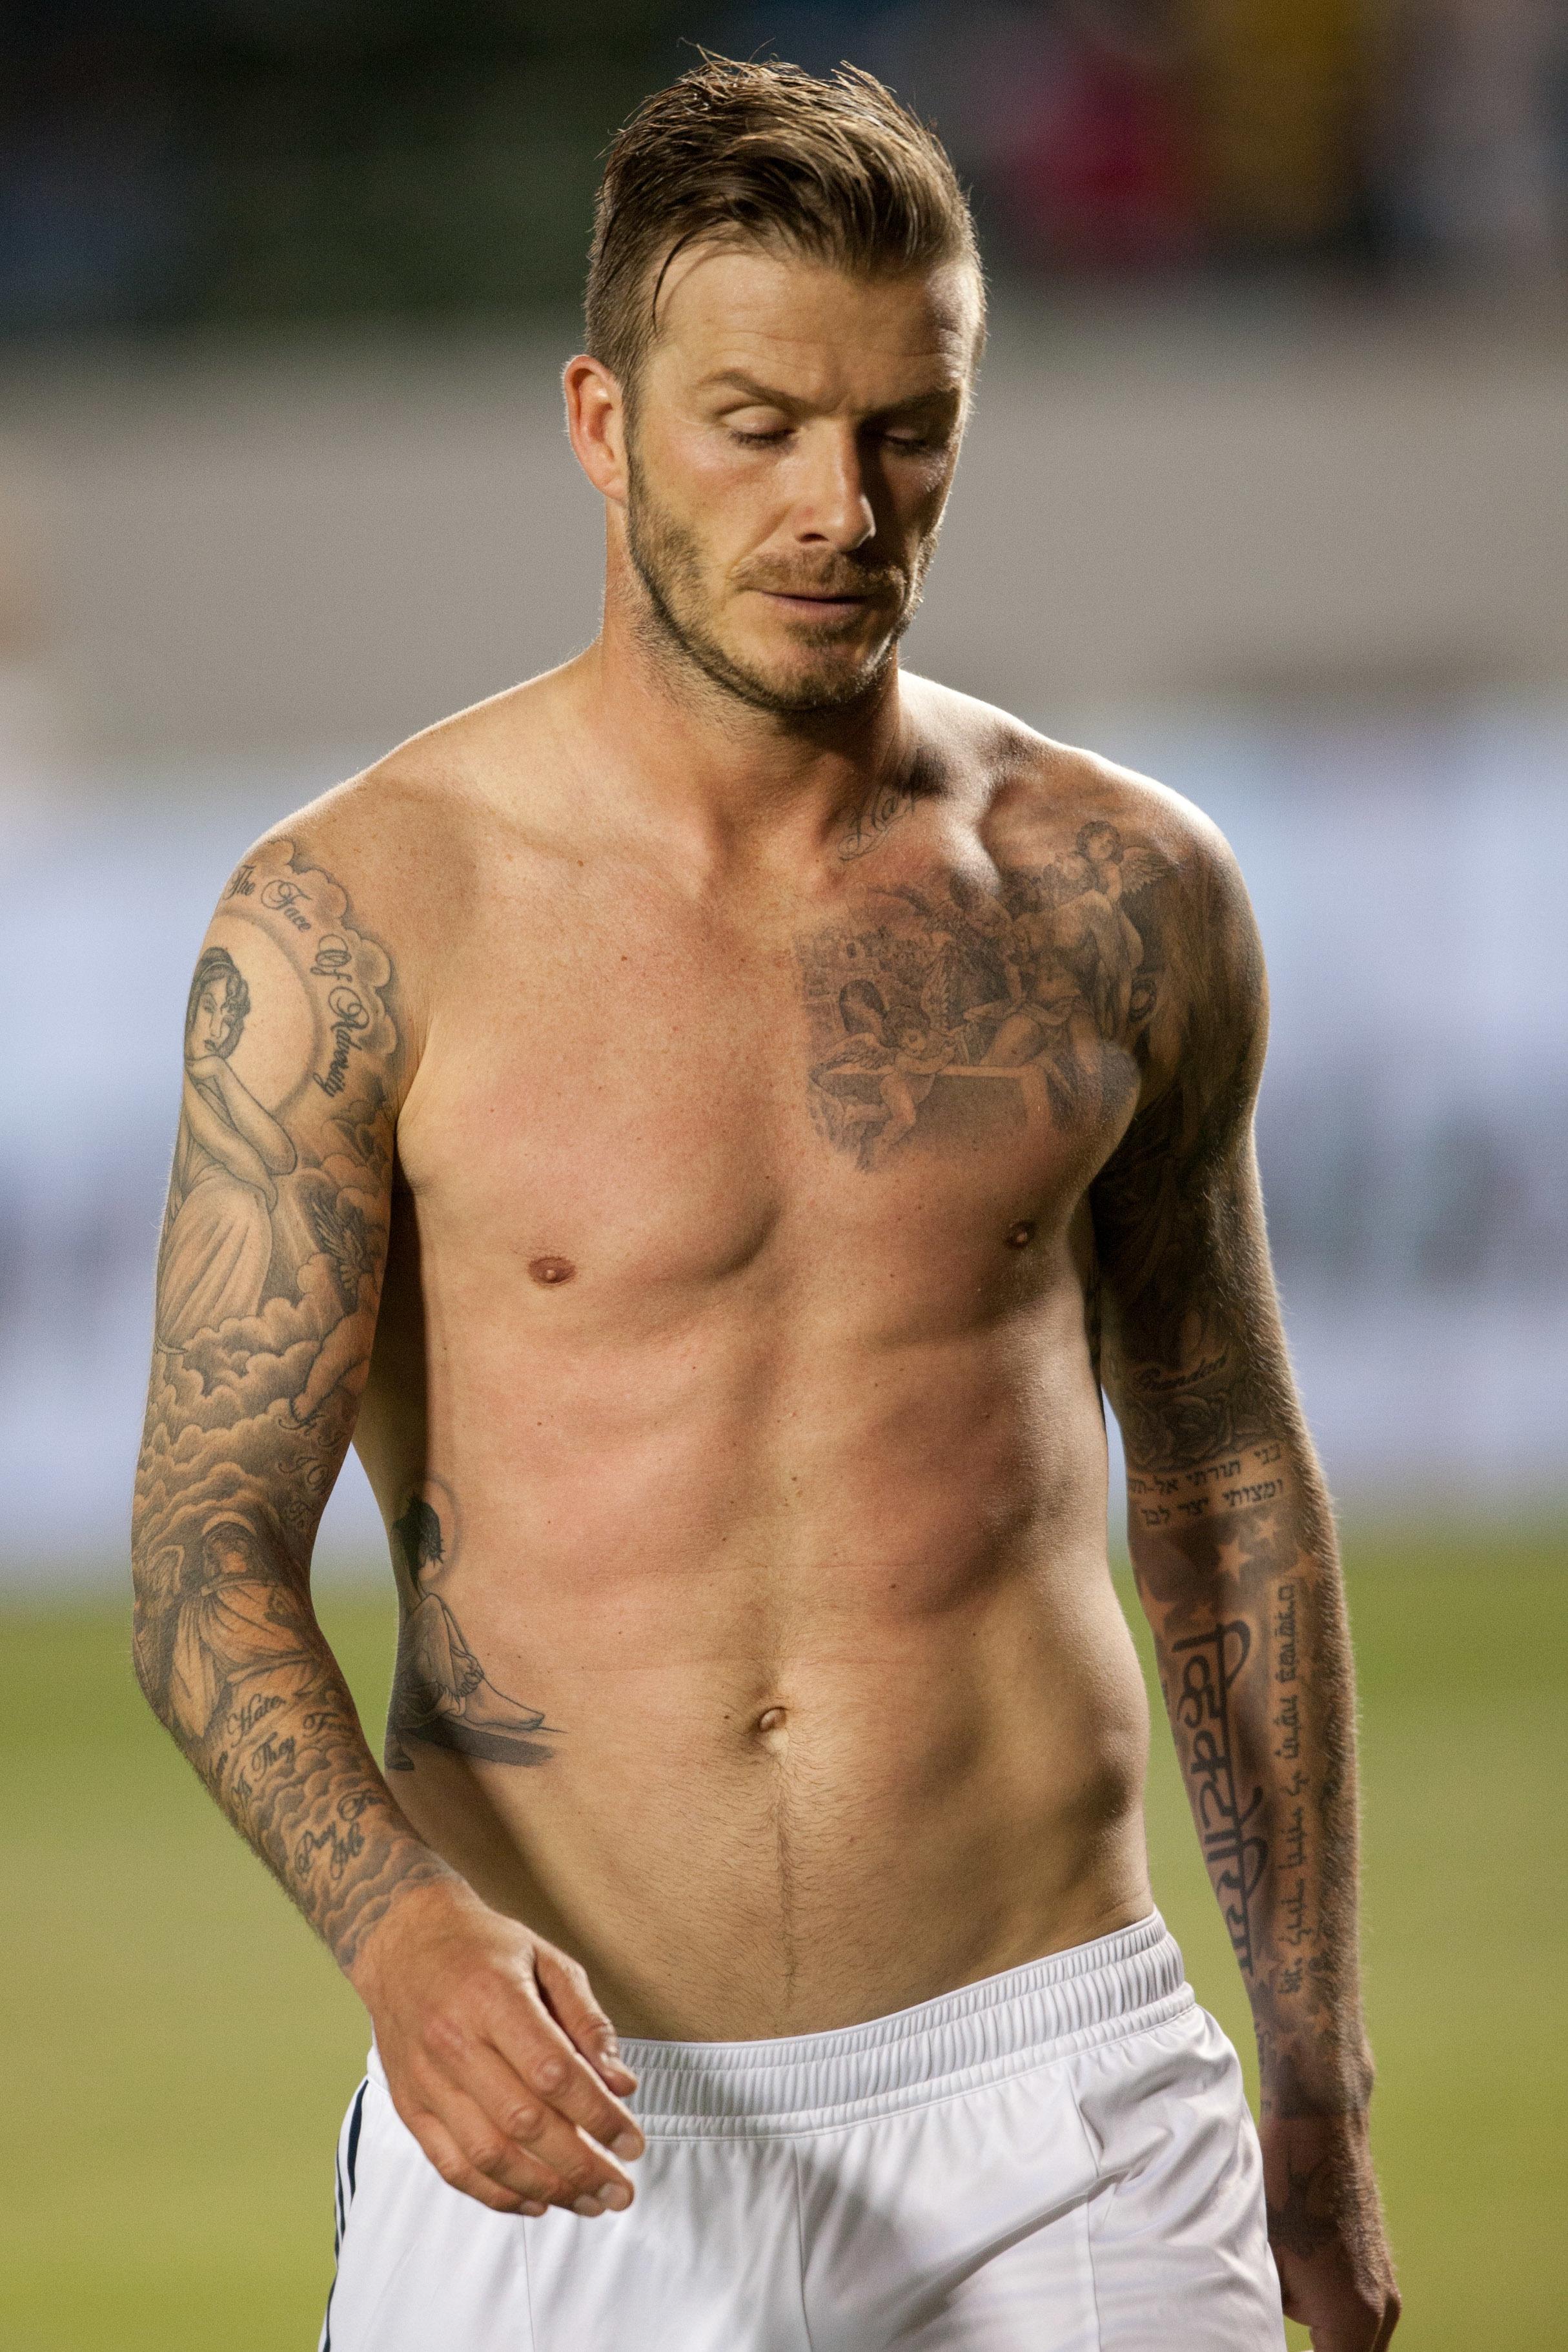 David Beckham abs